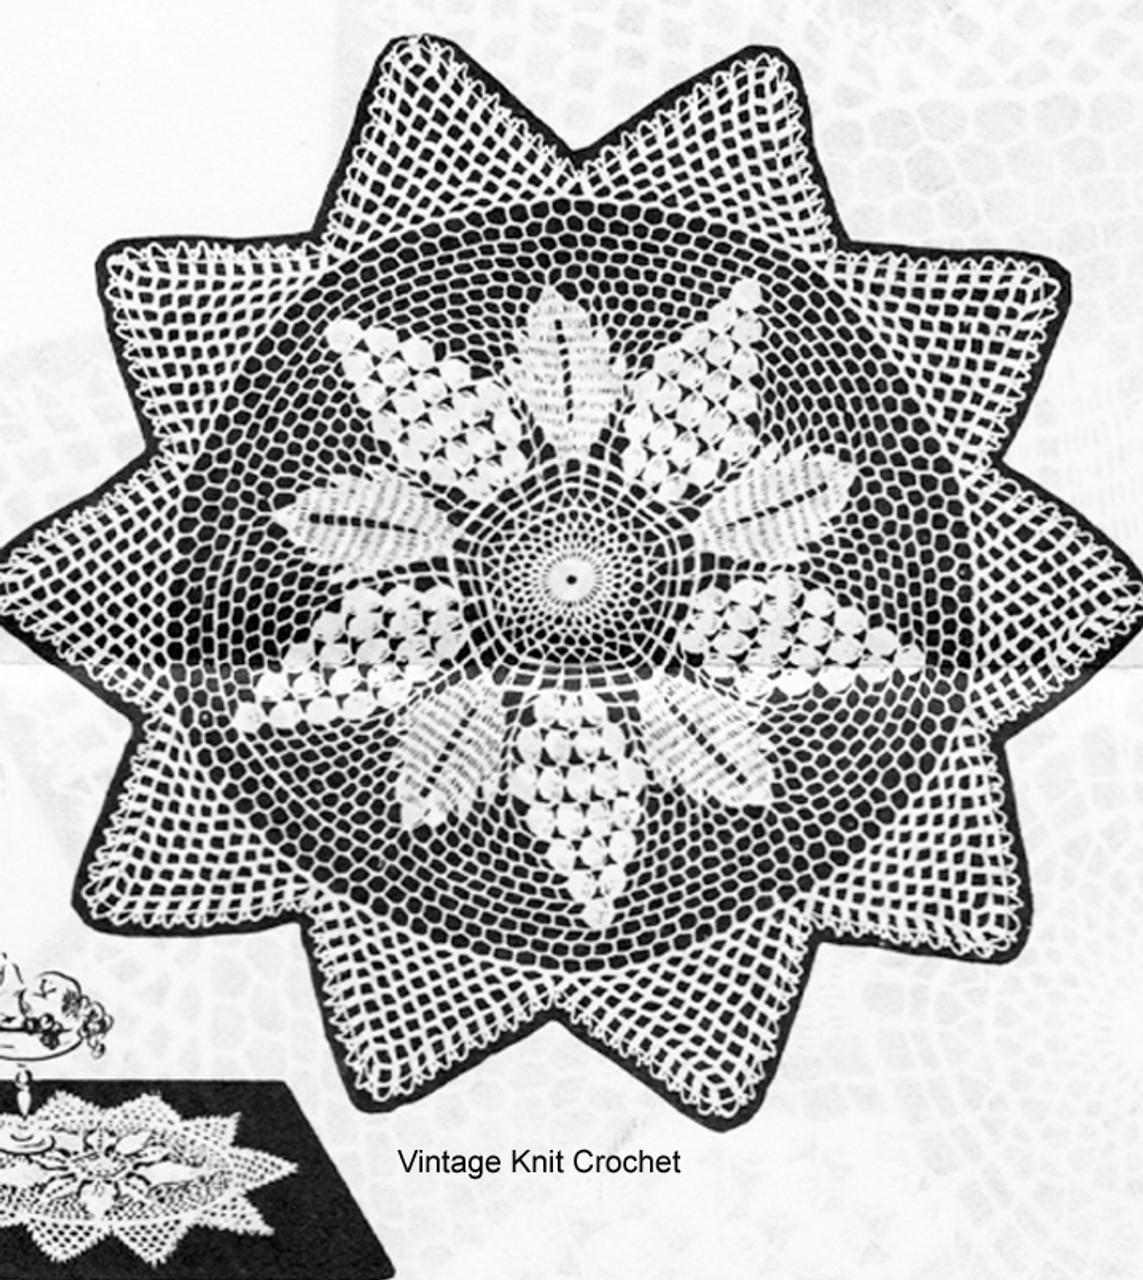 Vintage Grape Doily Crochet Pattern, Kate Marchbank 2212